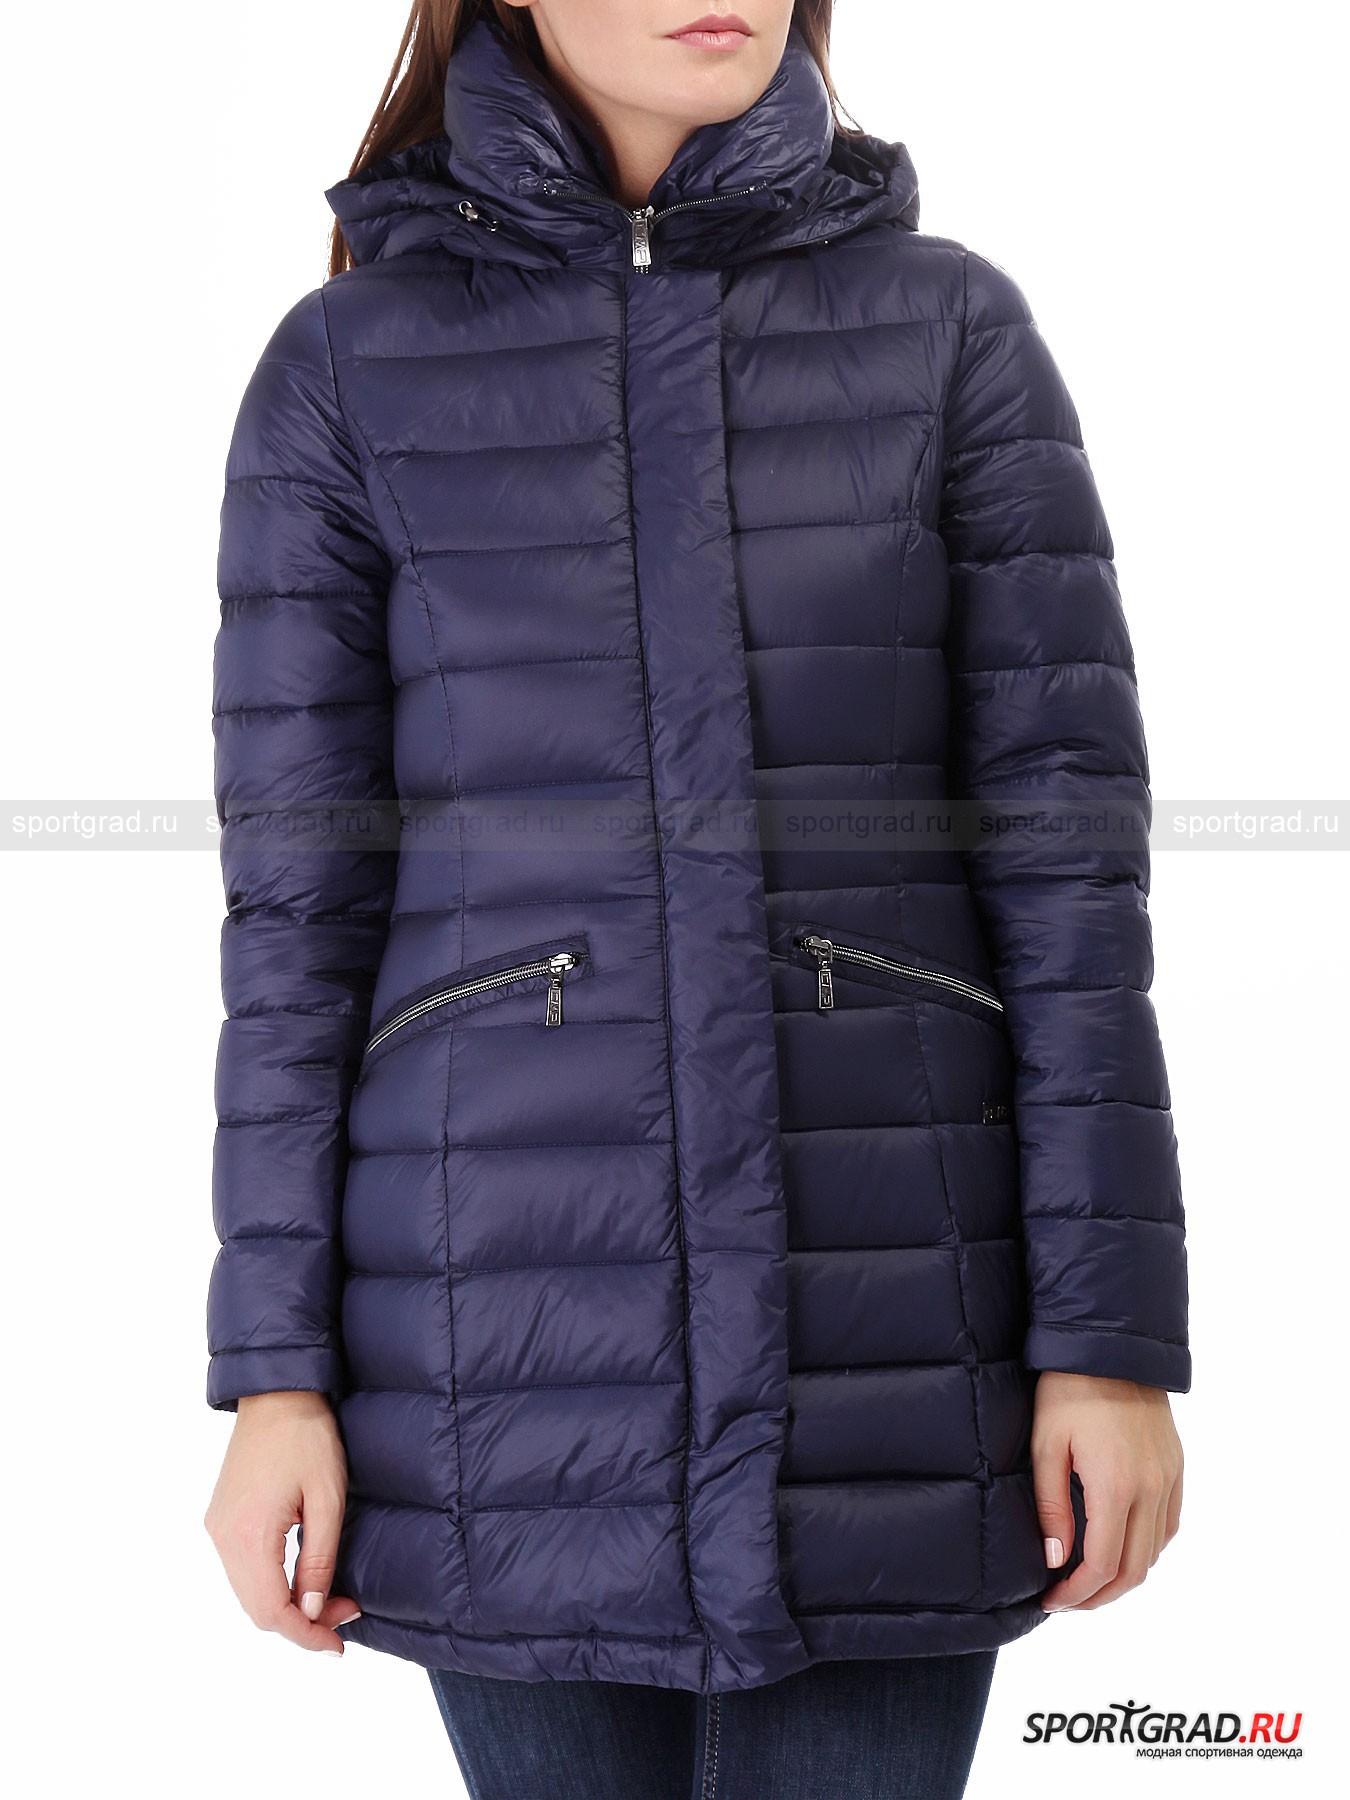 Пальто женское пуховое CAMPAGNOLO